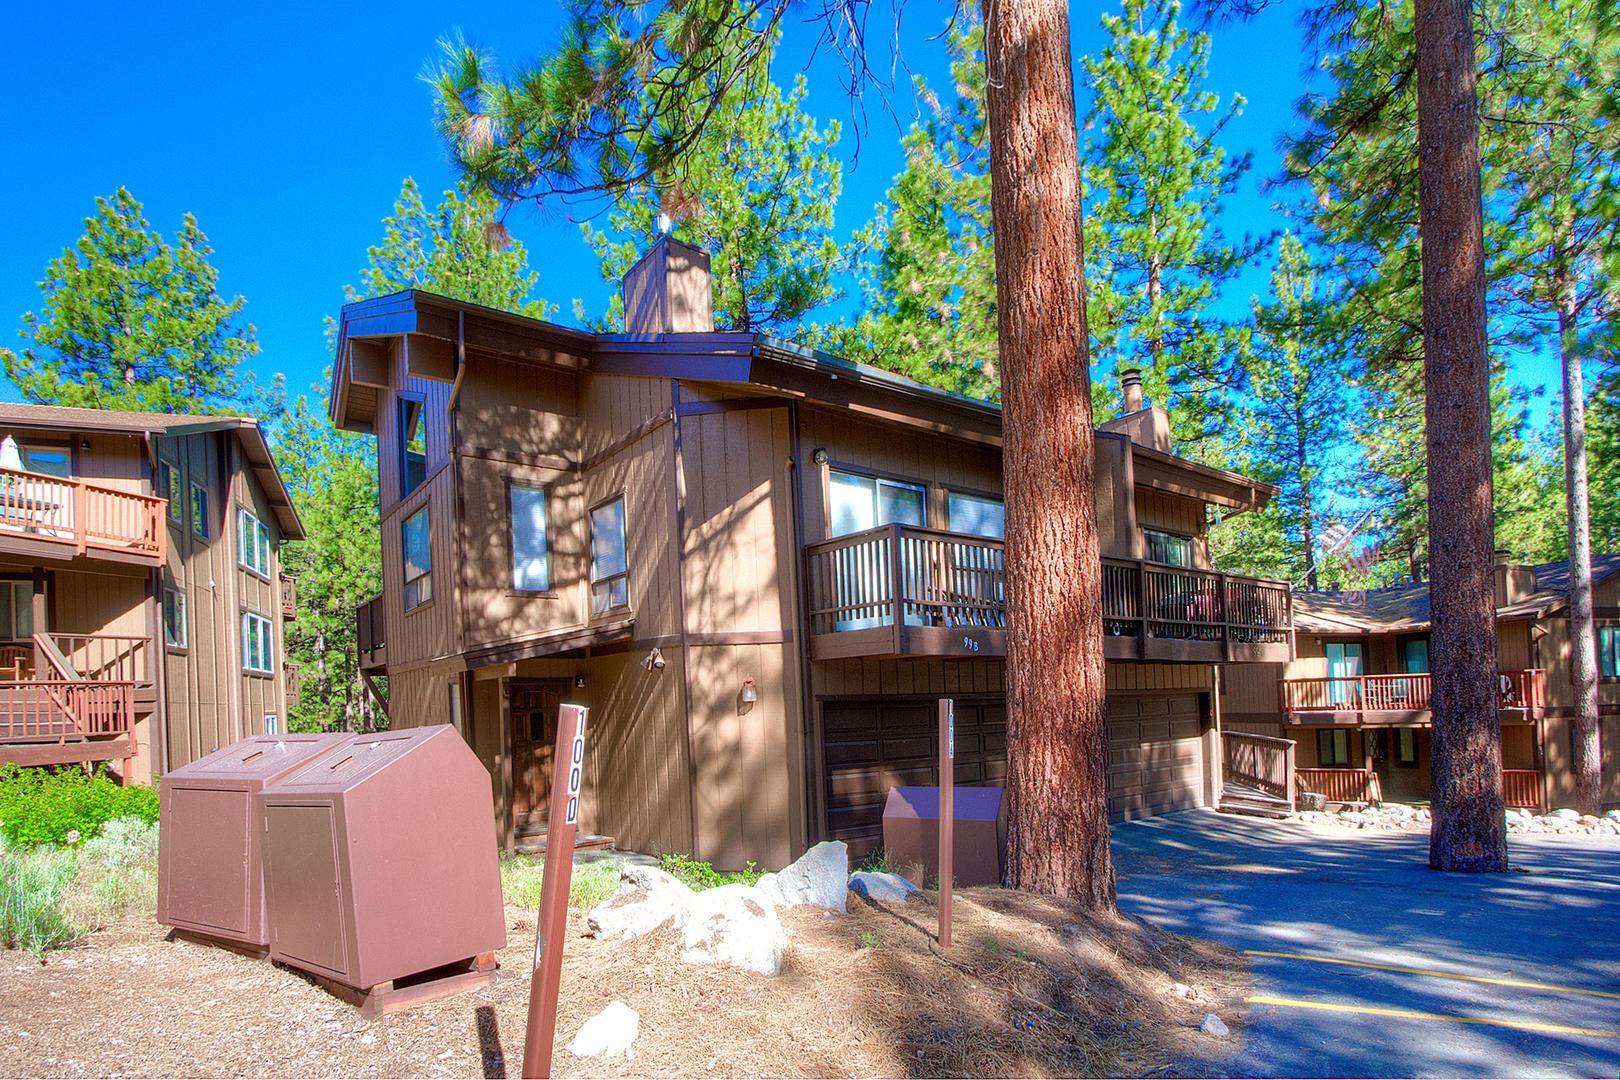 lvc0899 Lake Tahoe Vacation Rental